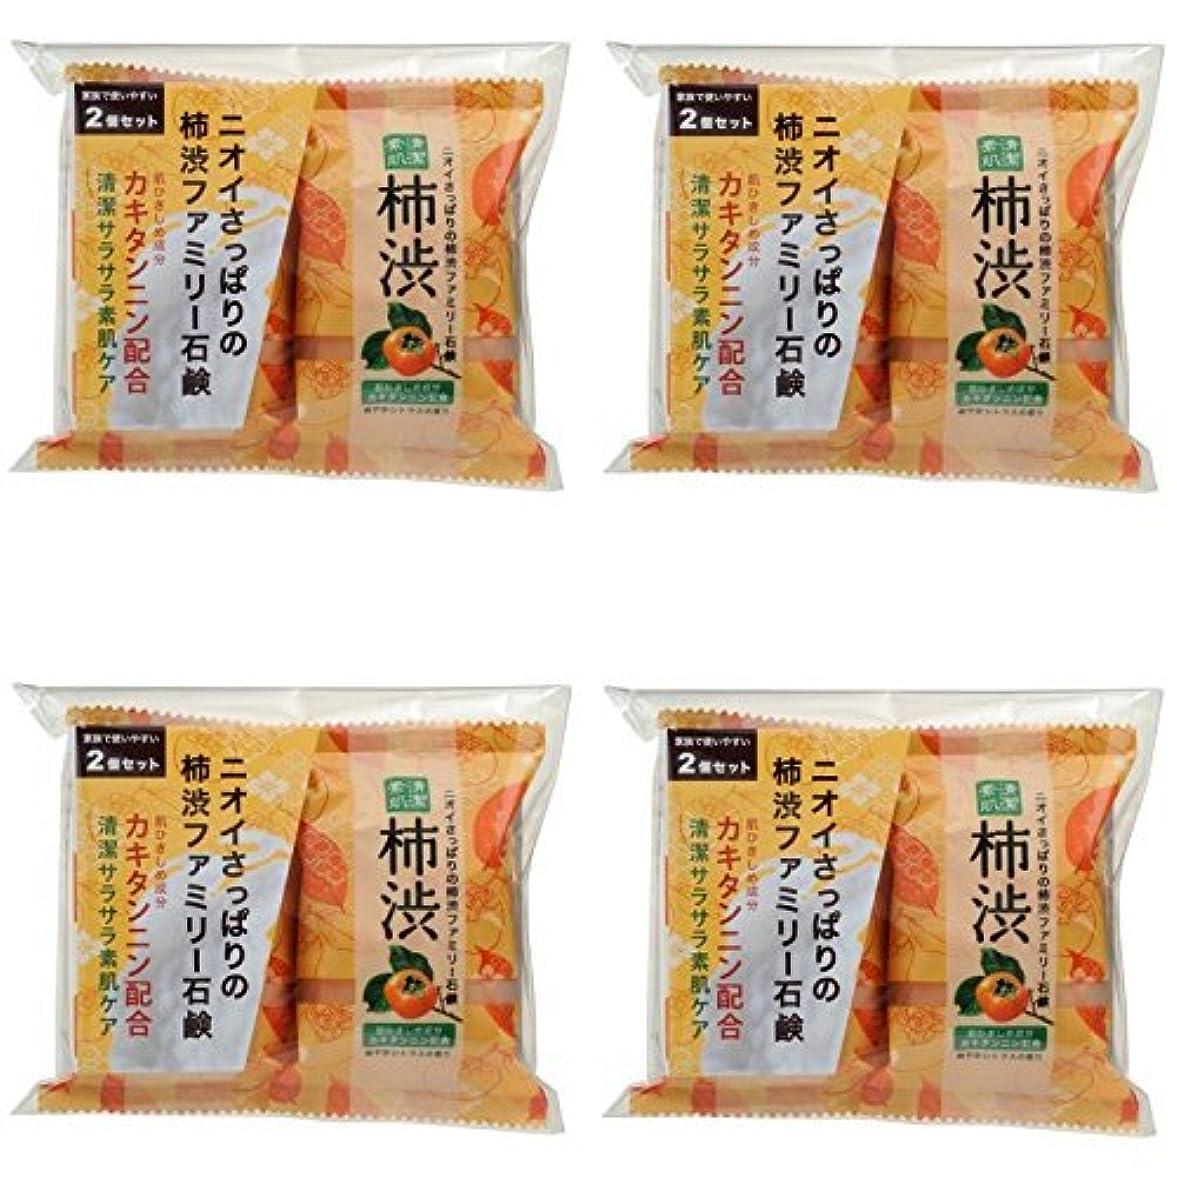 アンテナコーラス北東【まとめ買い】ファミリー柿渋石けん2コパック【×4袋】